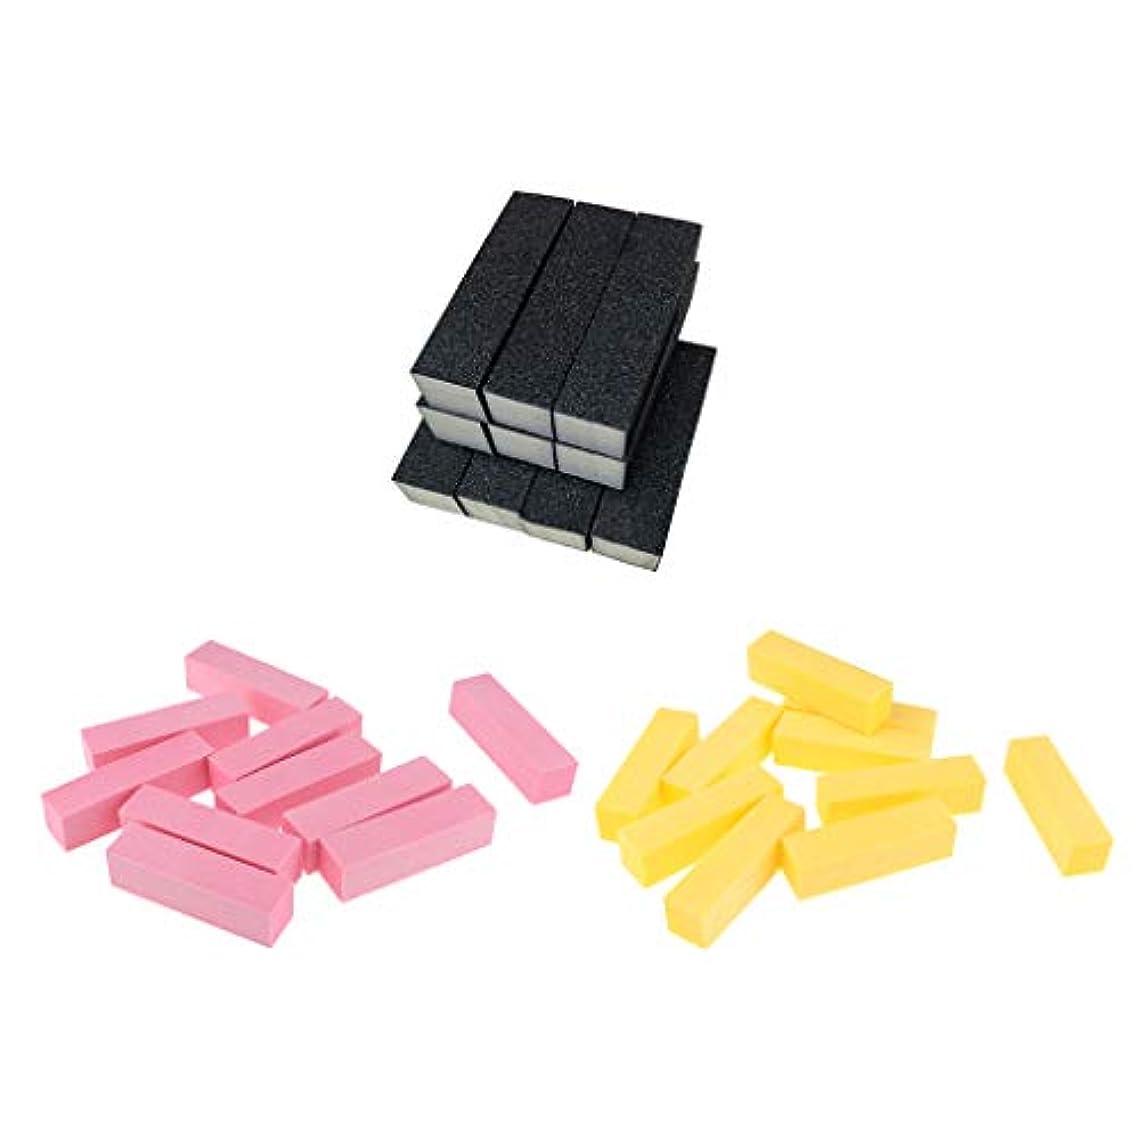 うめき声援助する凝縮するDYNWAVE ネイルファイル スポンジ 爪やすり ネイルケア ネイル磨き 4面デザイン 高密度 使いやすい 約30個入り